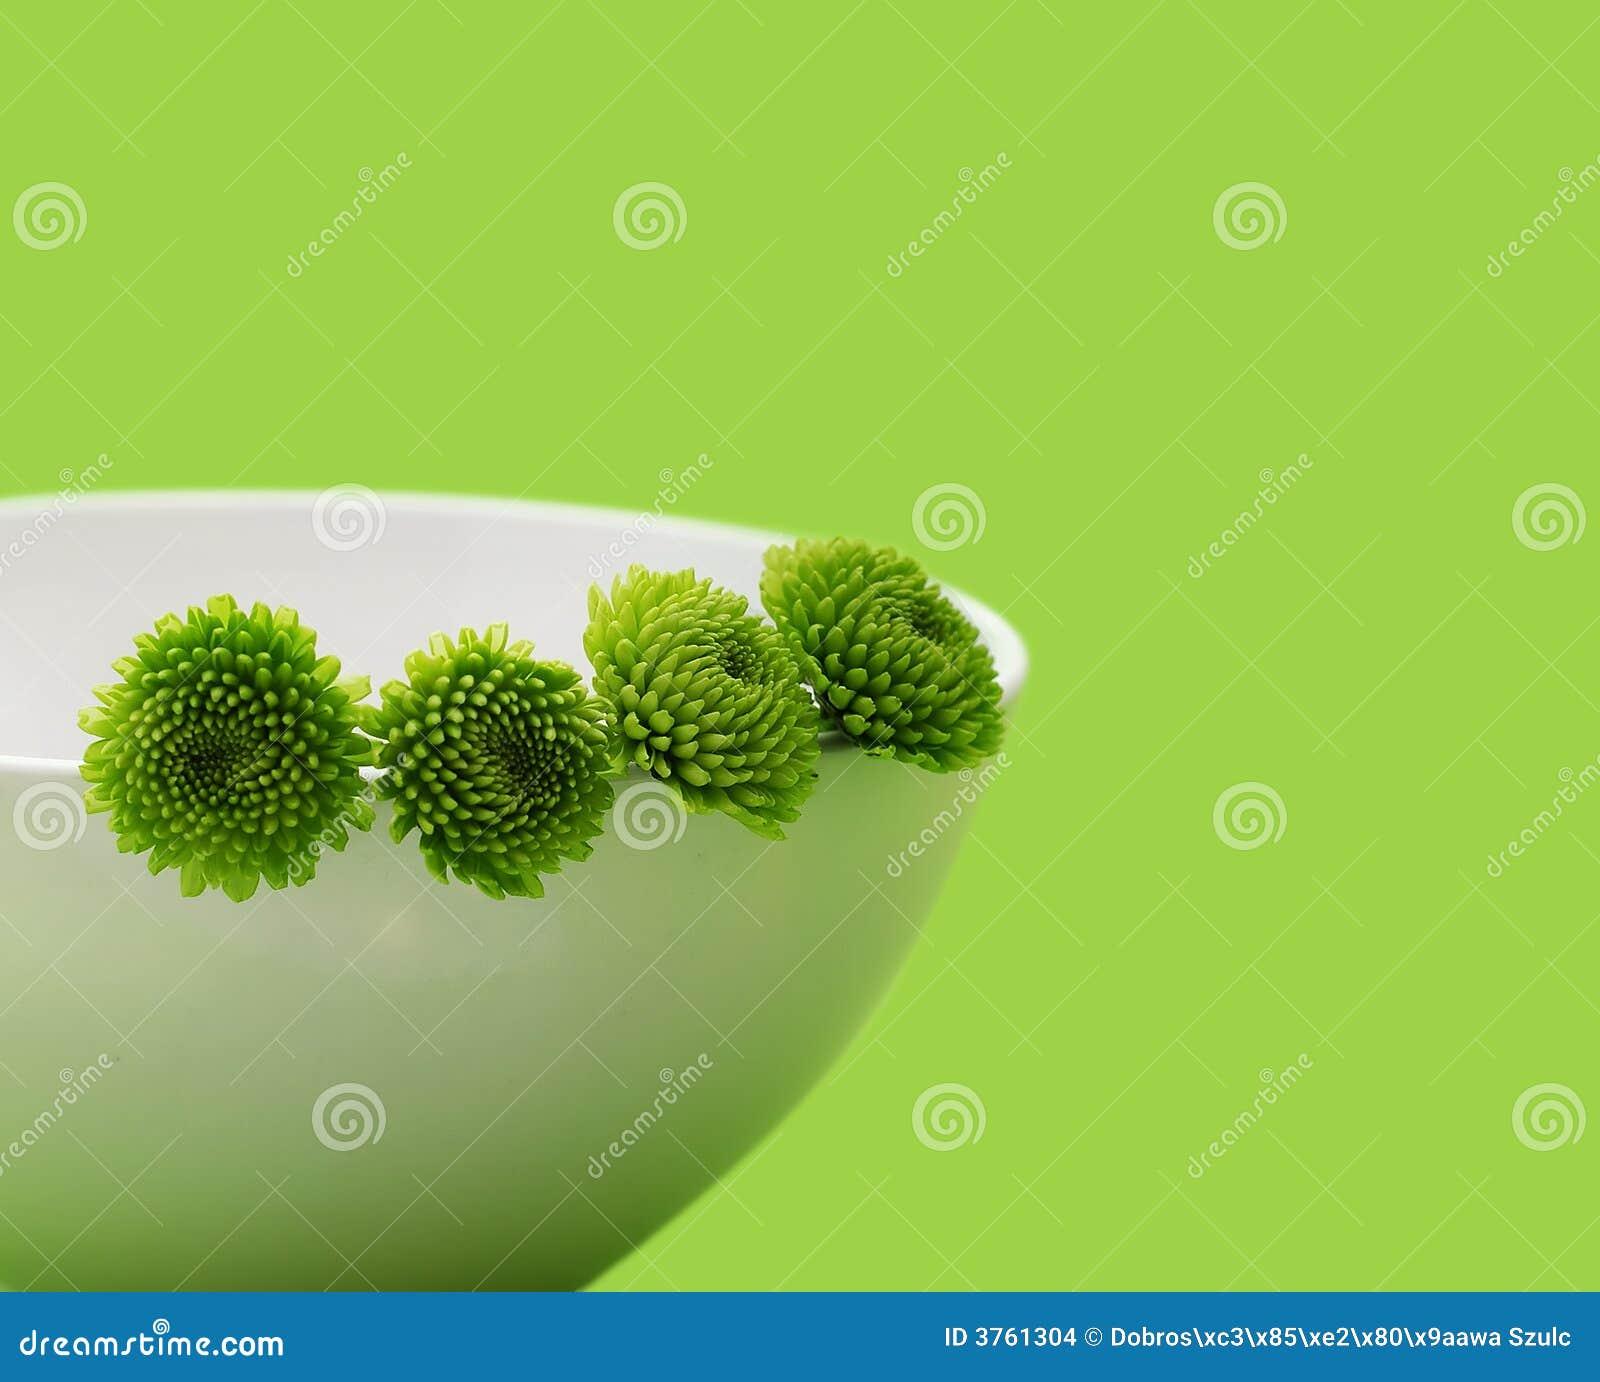 Fiori verdi fotografia stock immagine di colorful verde for Fiori verdi